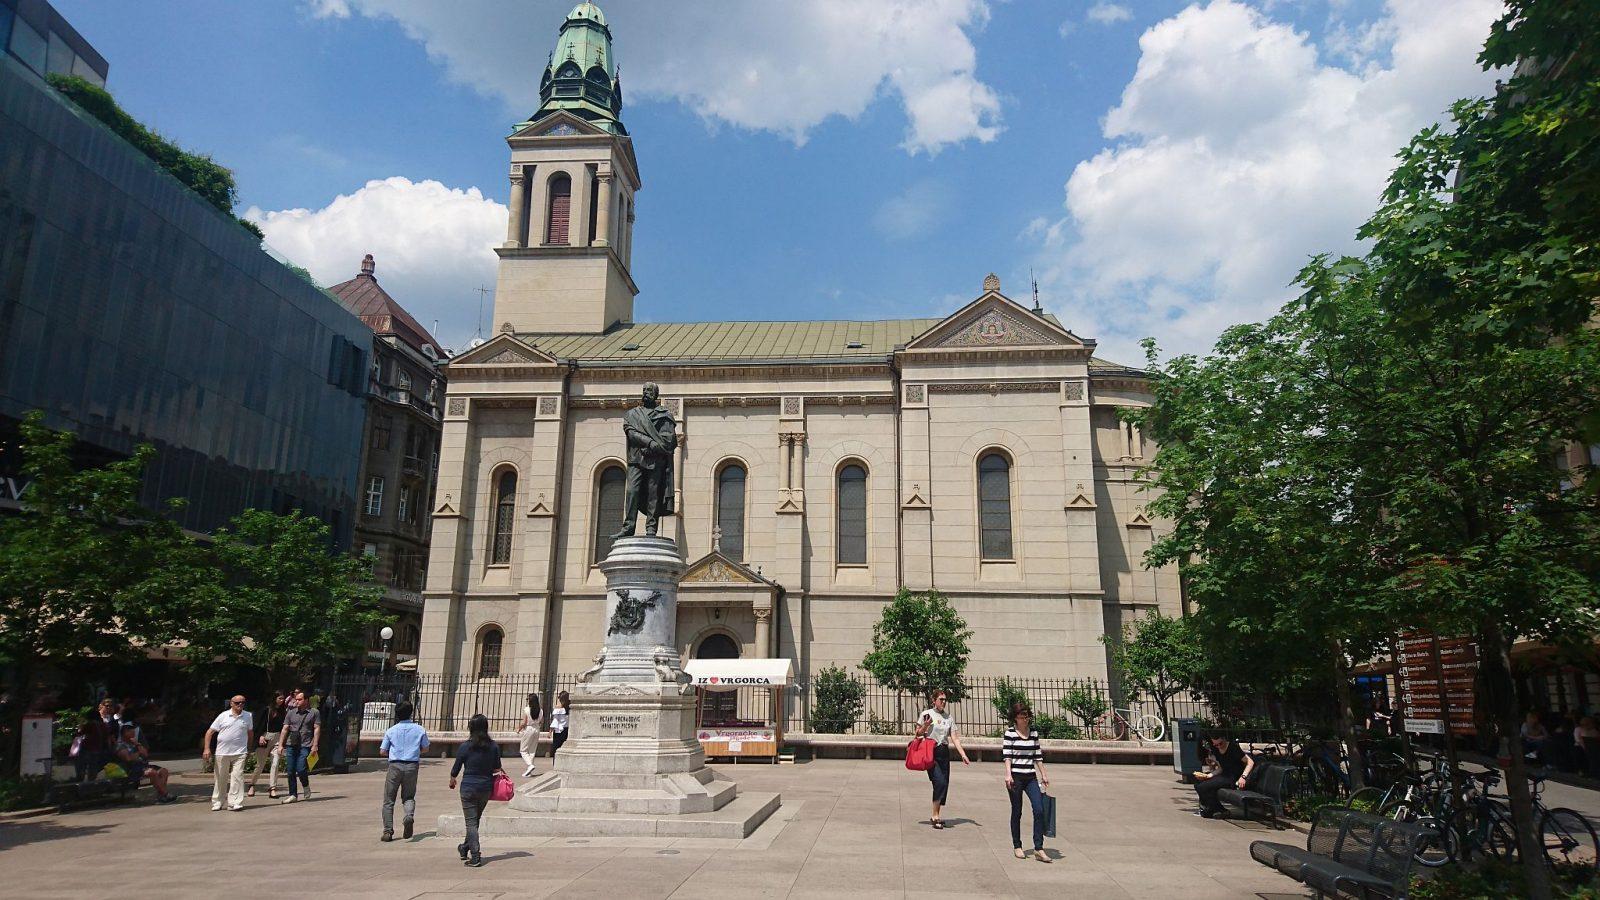 Das Denkmal des kroatischen Nationaldichters Petar Preradović auf dem gleichnamigen Platz vor der Orthodoxen Kathedrale in Zagreb.